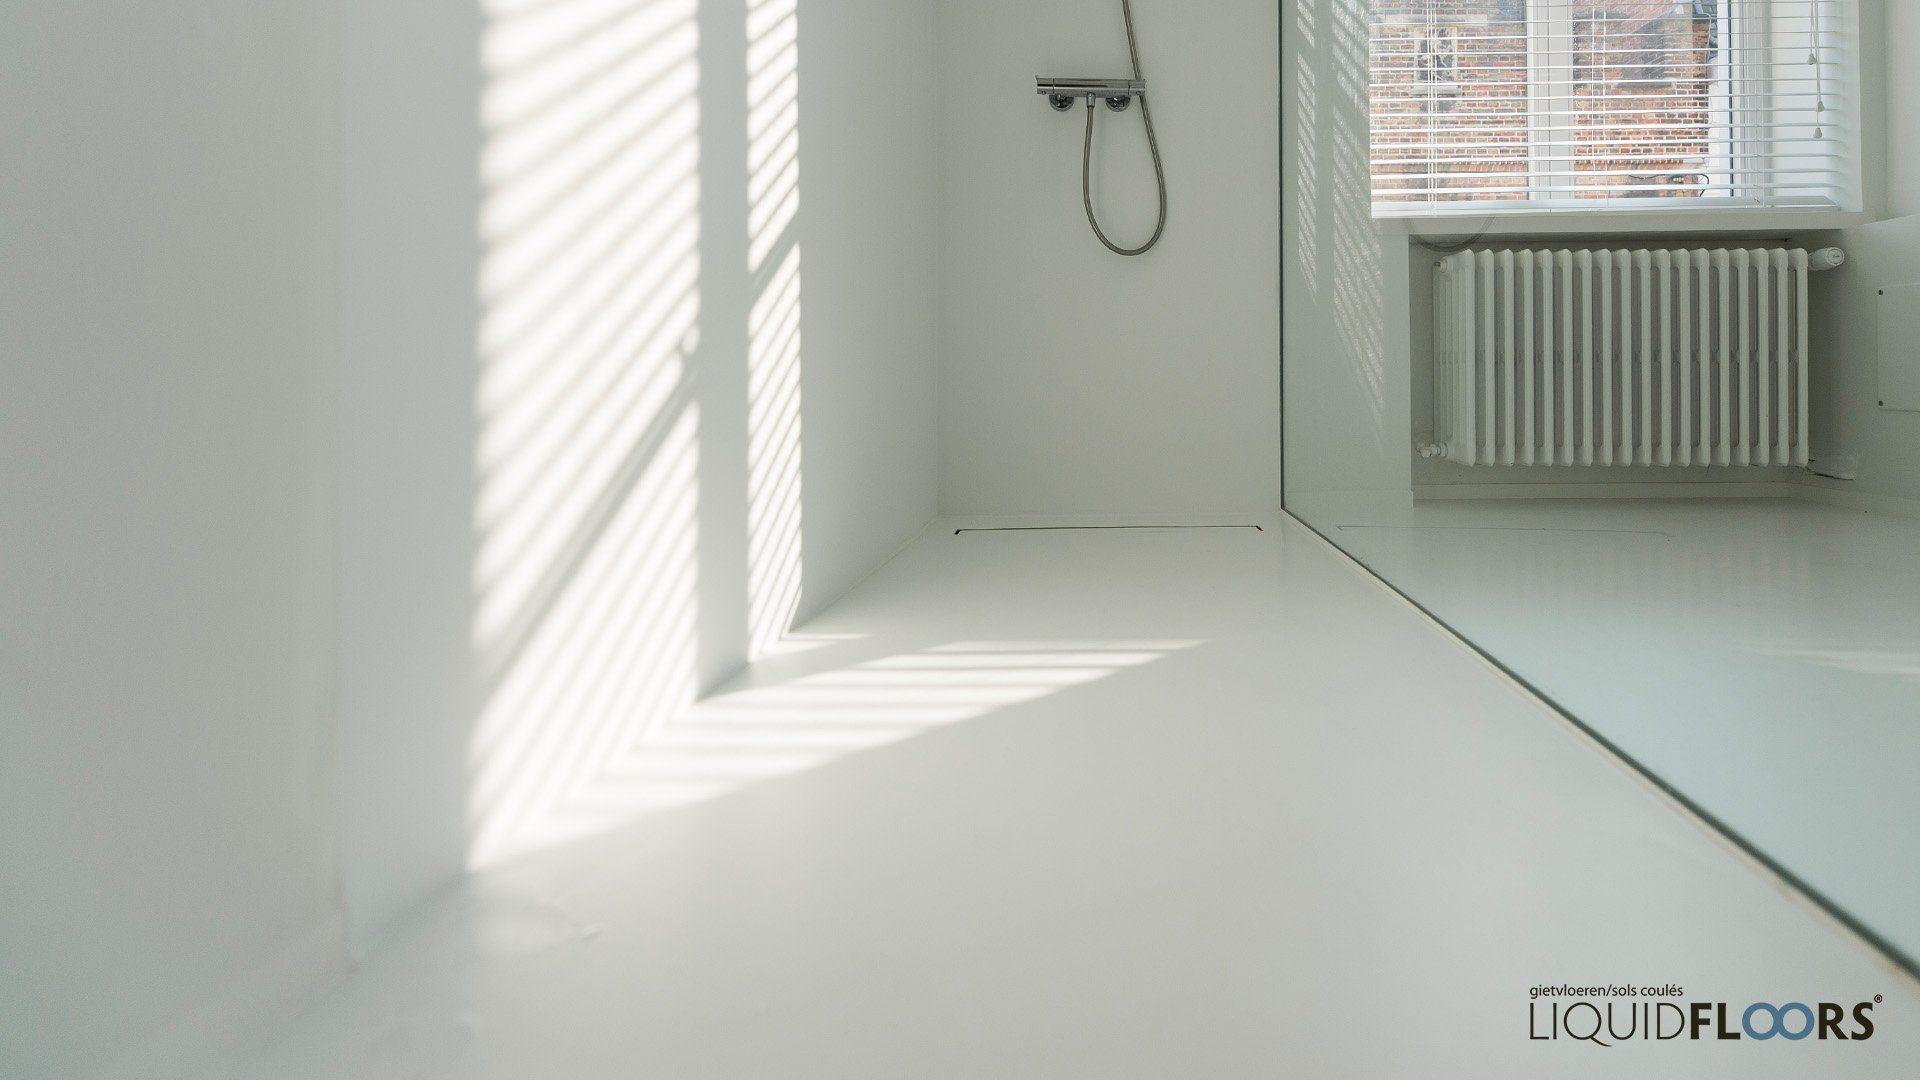 Gietvloer badkamer douche badkamer verbouwen en op zoek naar een